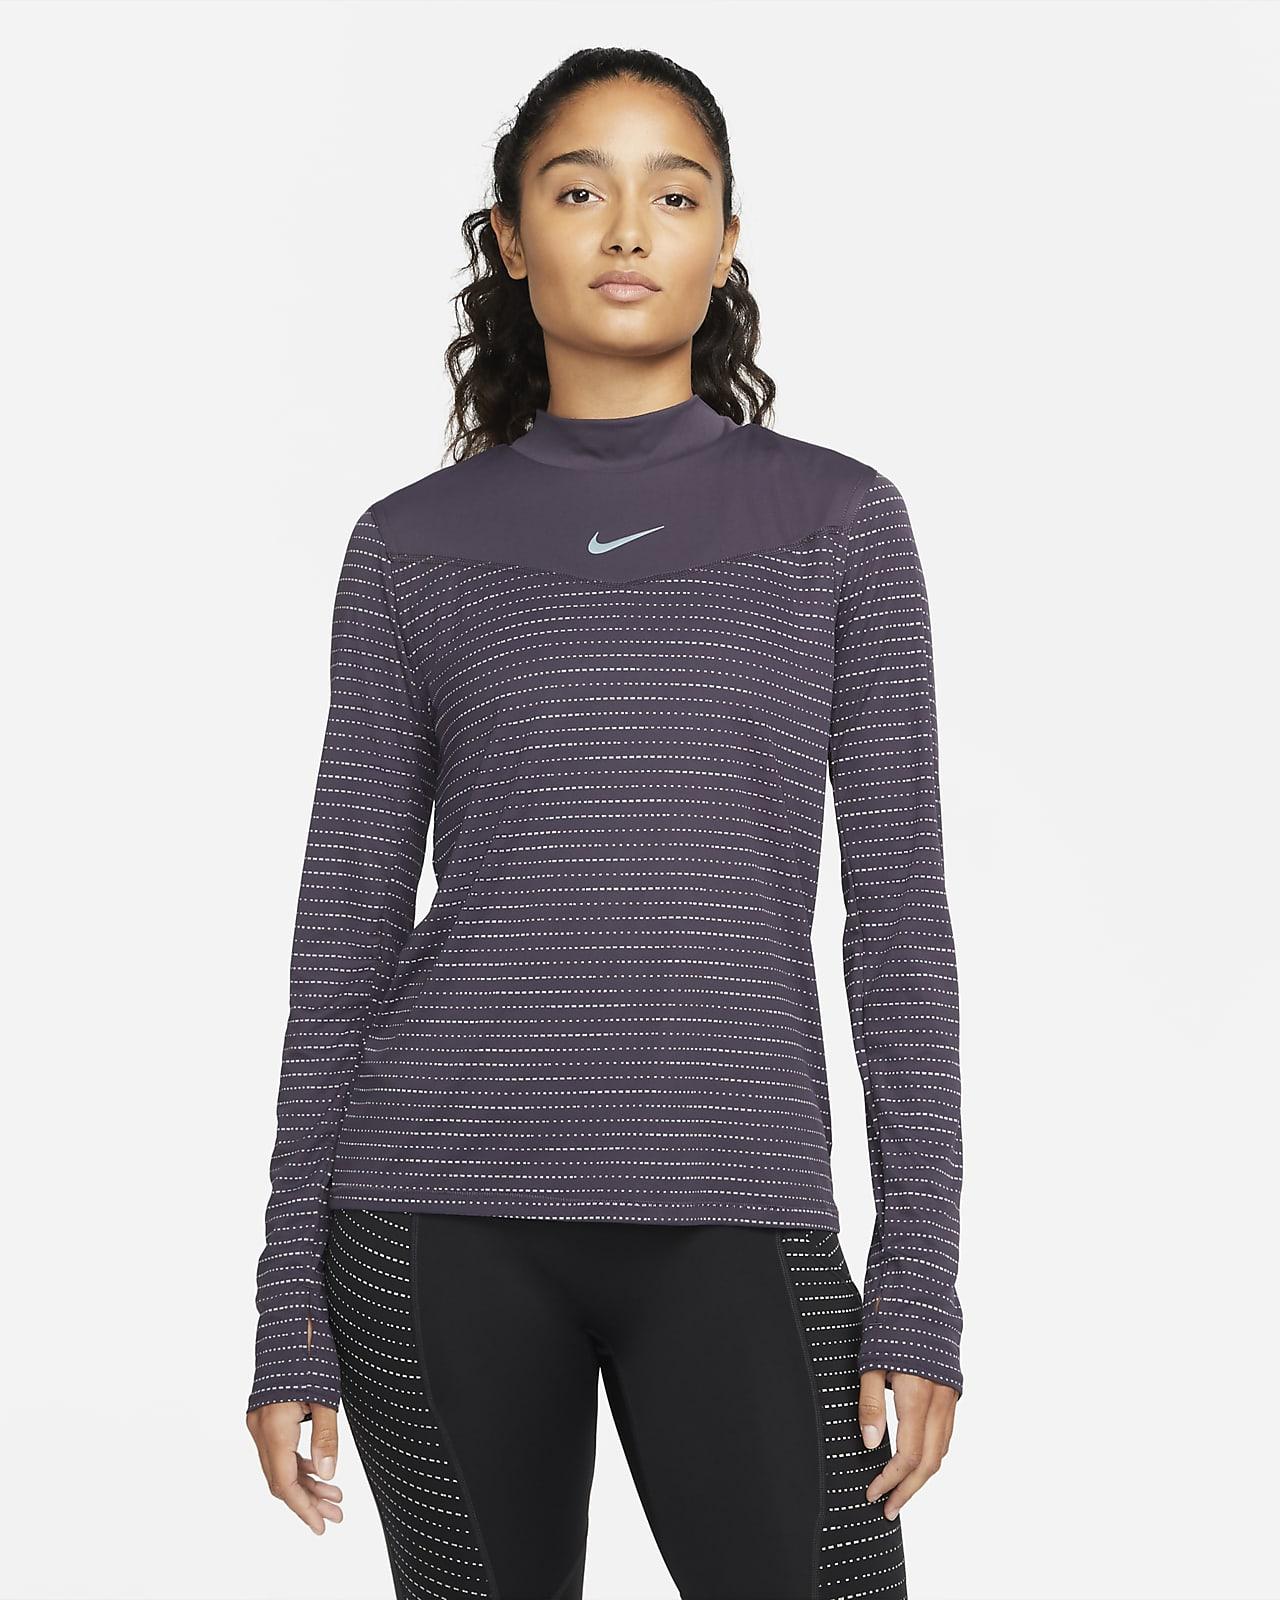 Långärmad löpartröja Nike Dri-FIT Run Division för kvinnor